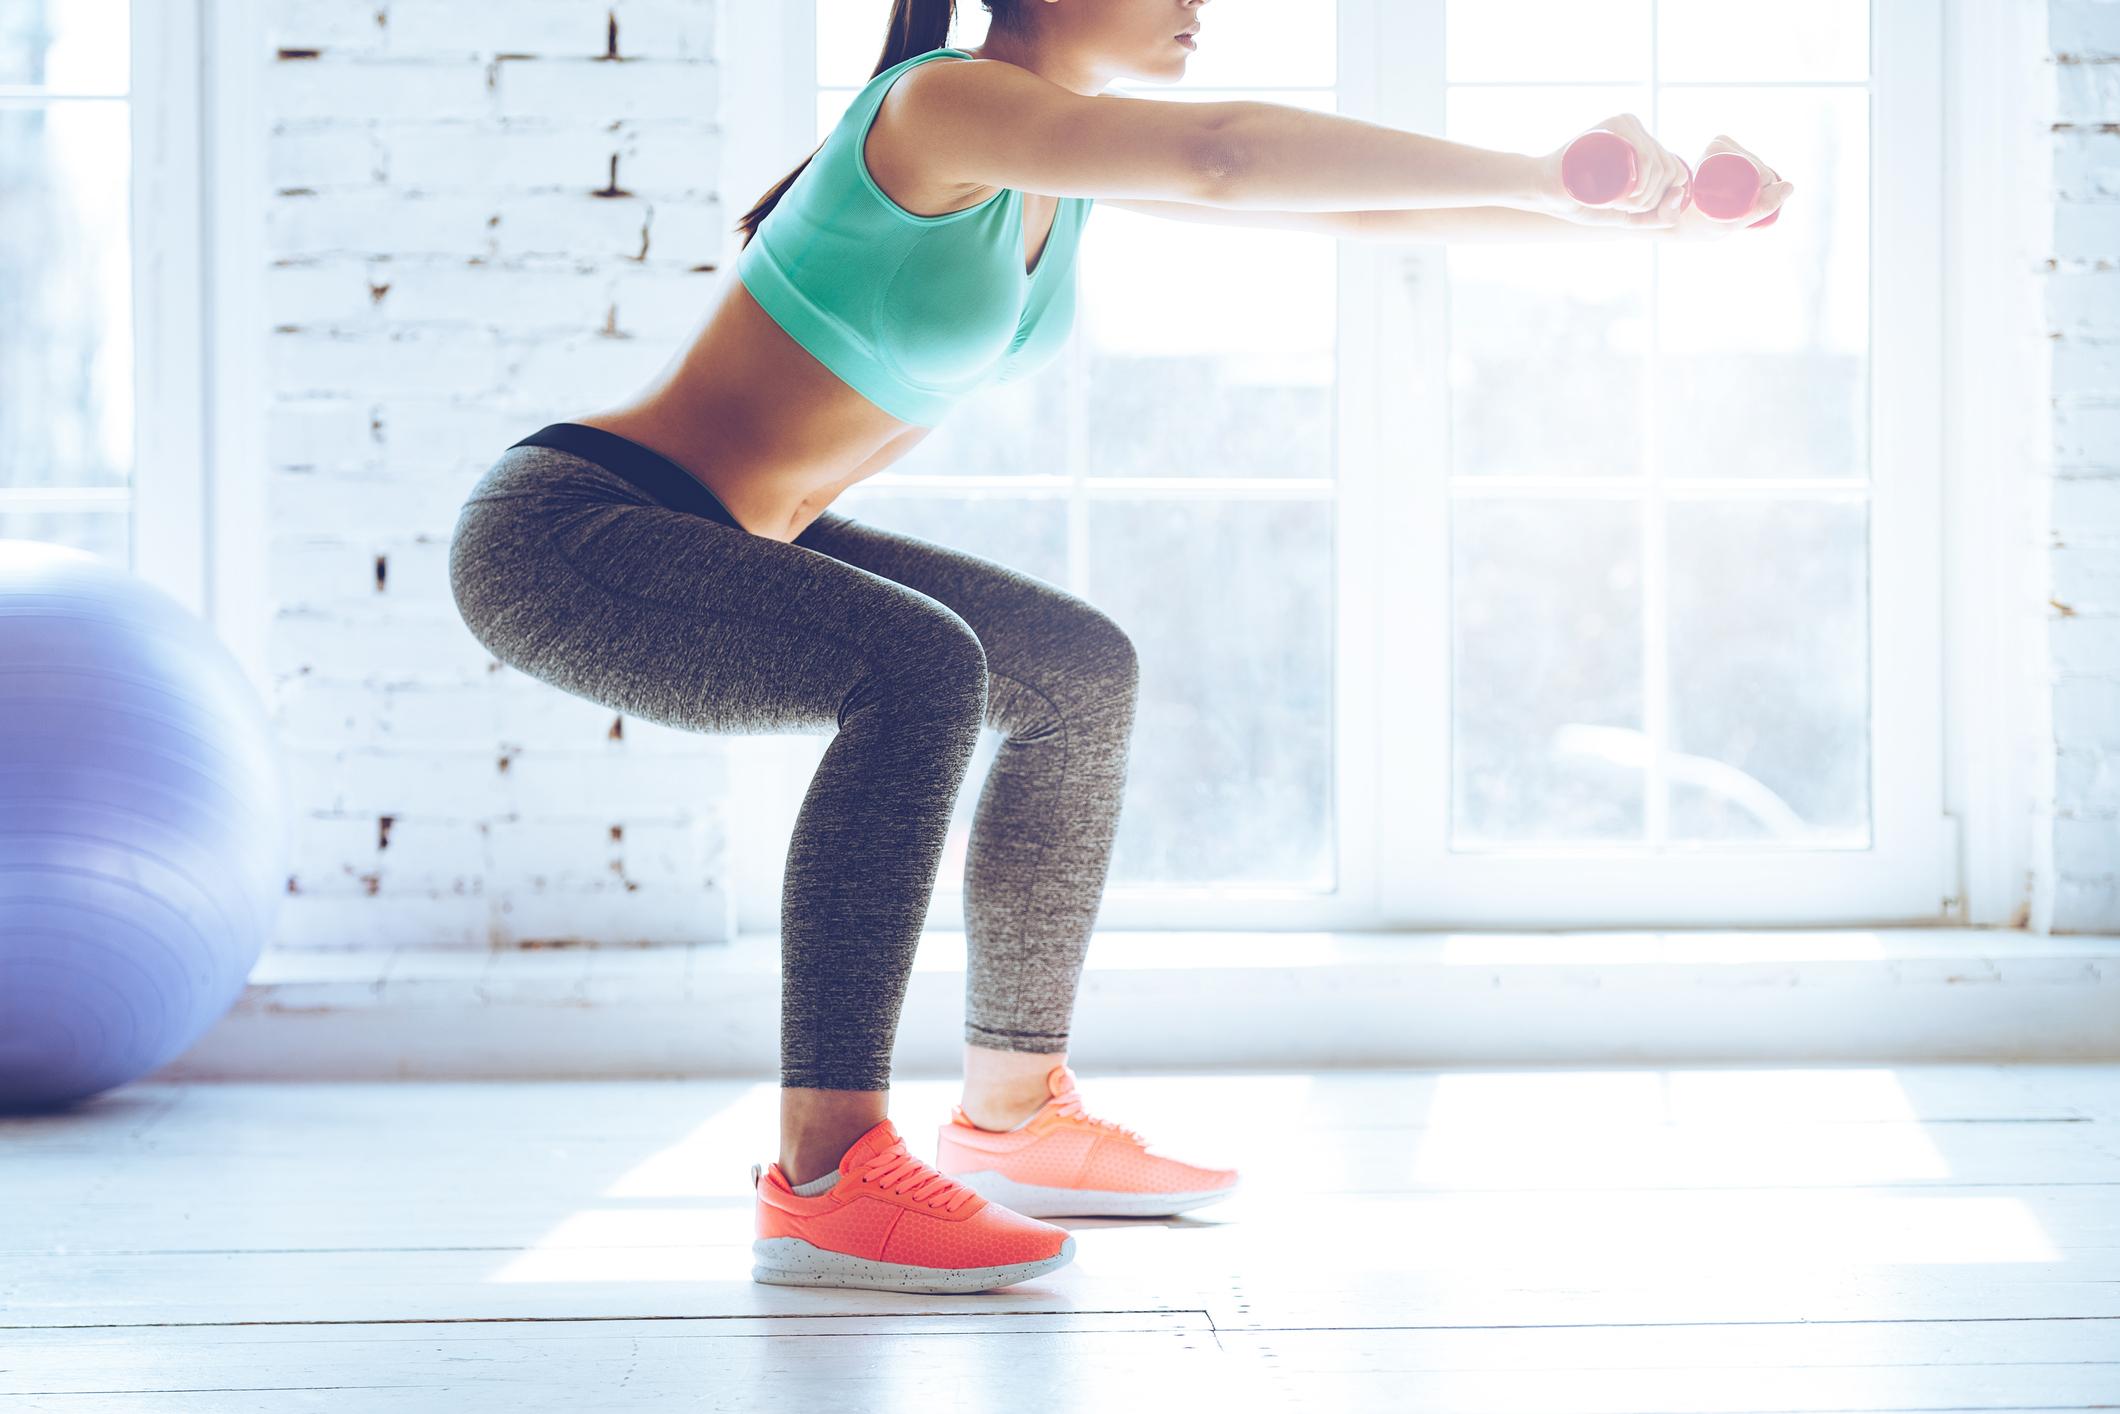 Kuinka paljon ja millaista liikuntaa tulisi harrastaa?